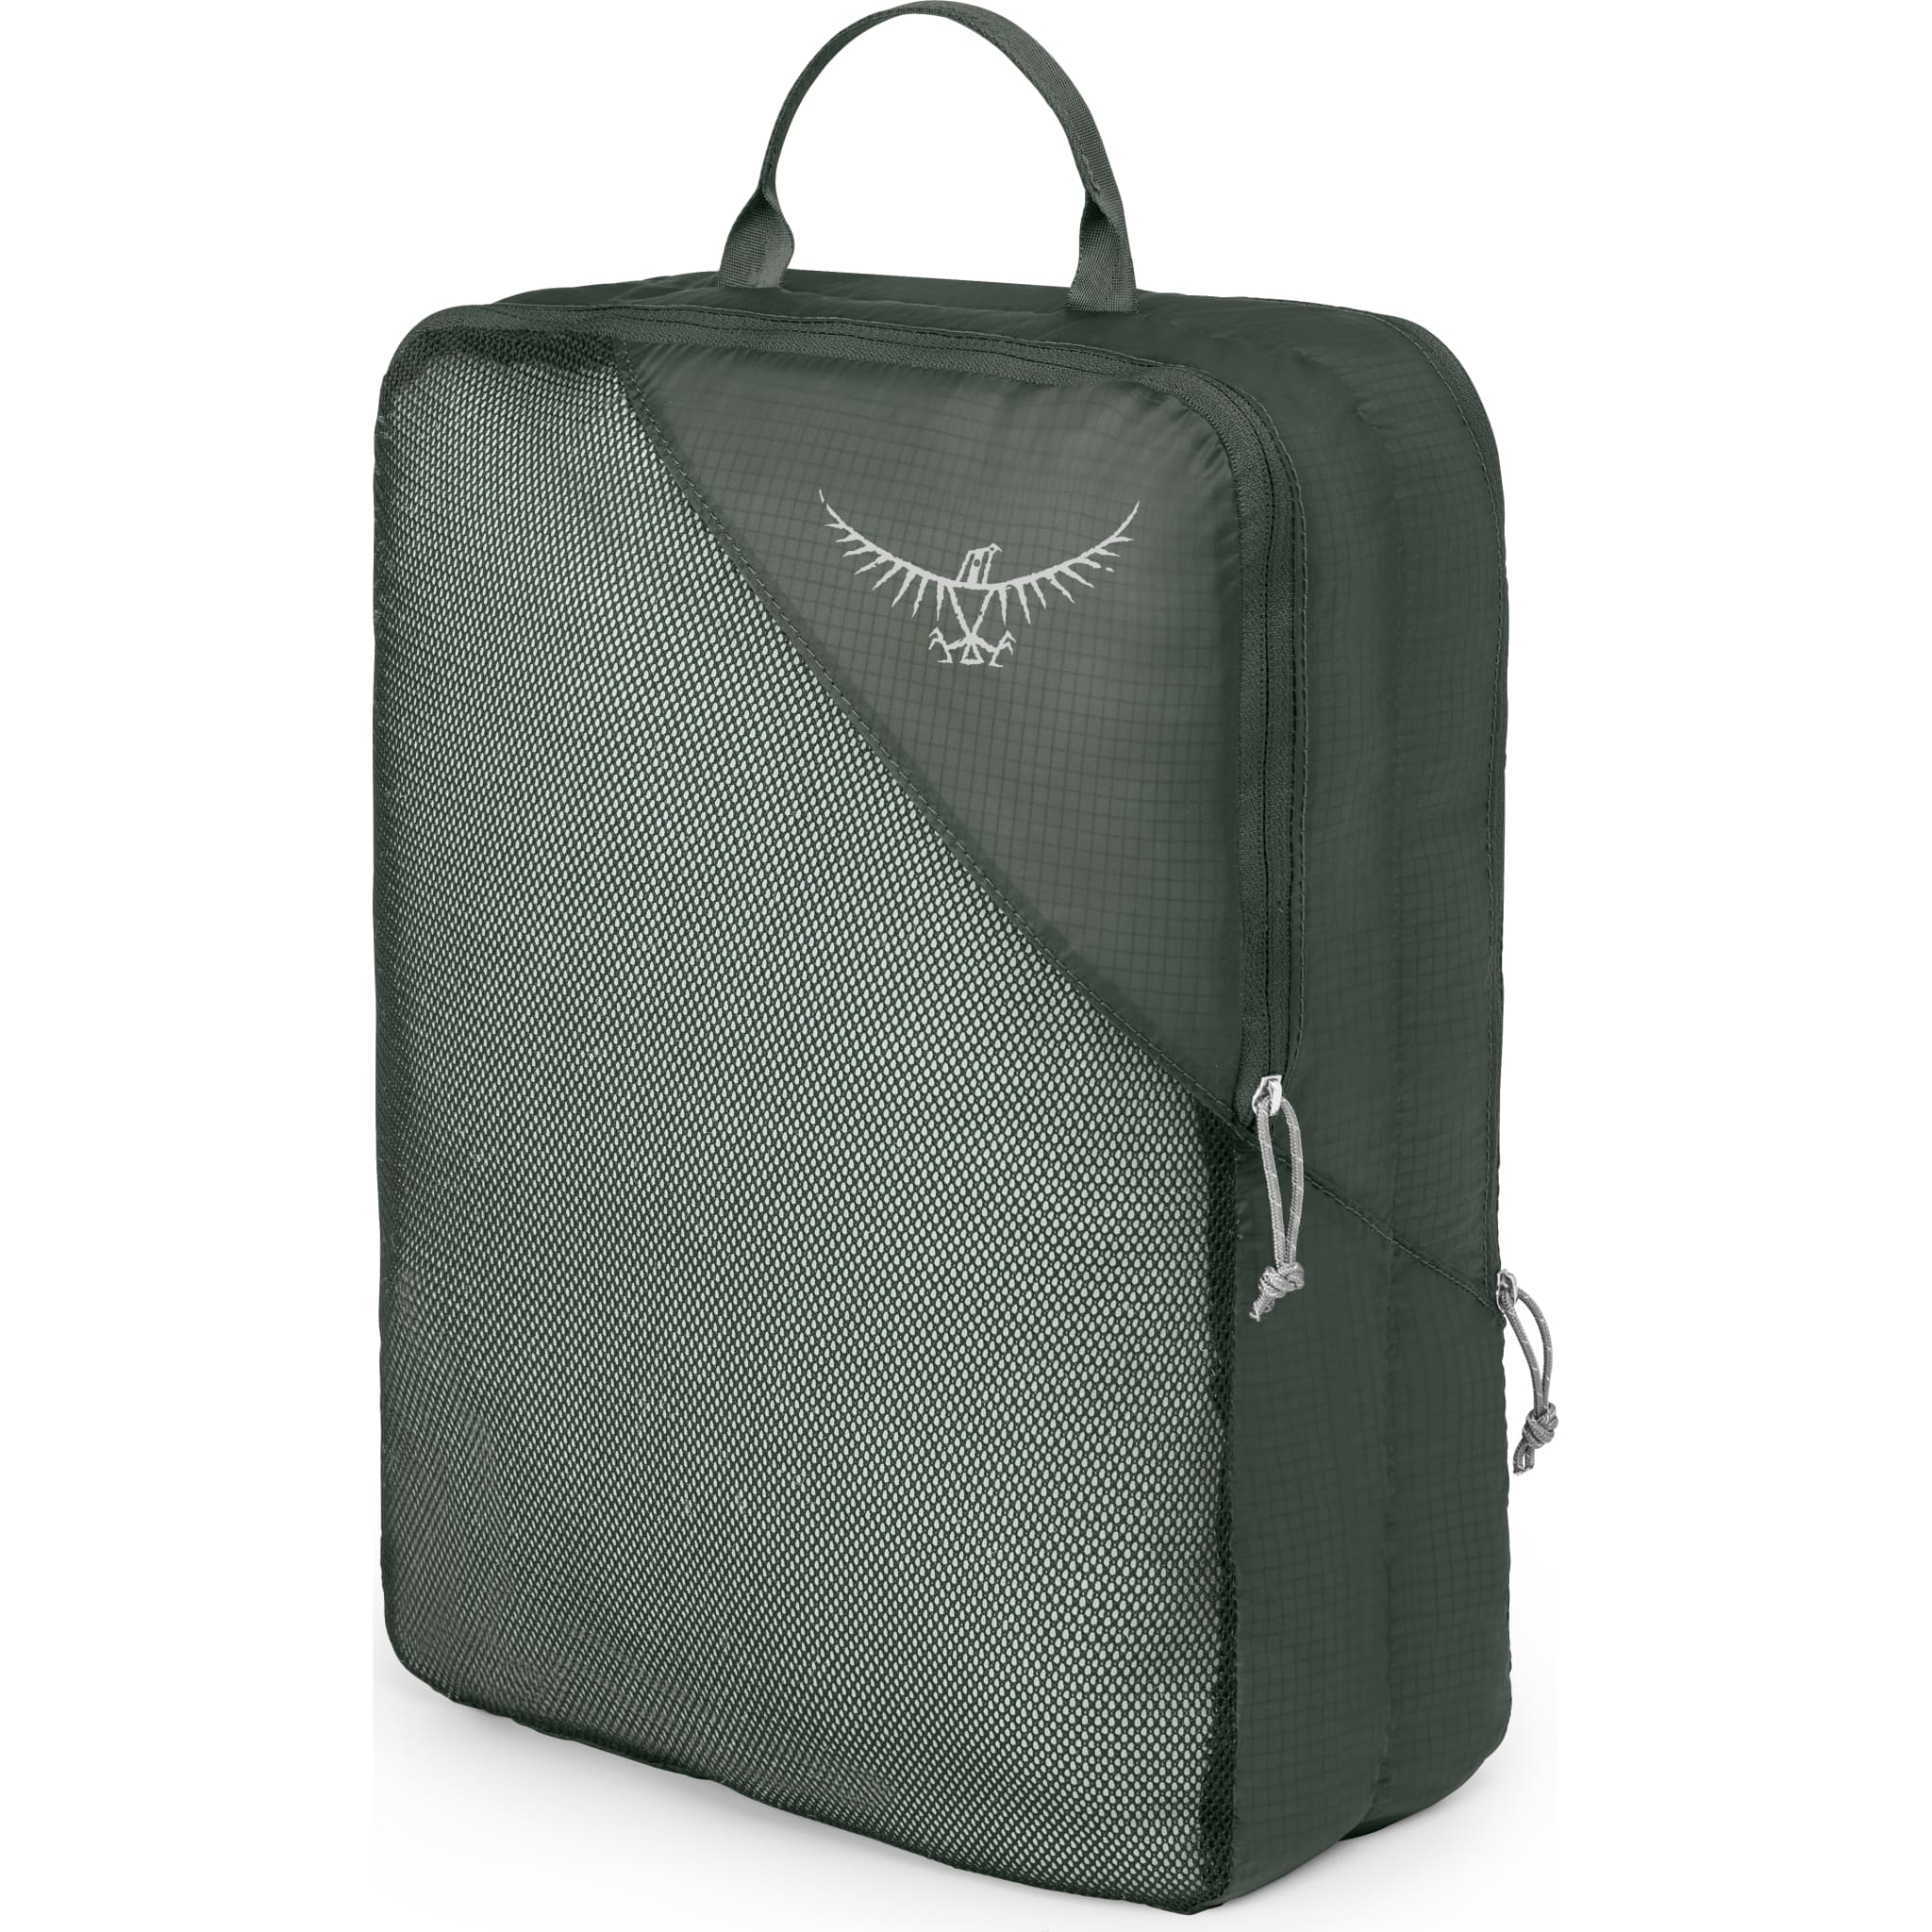 Organiseringsbag for bruk inni bagasje